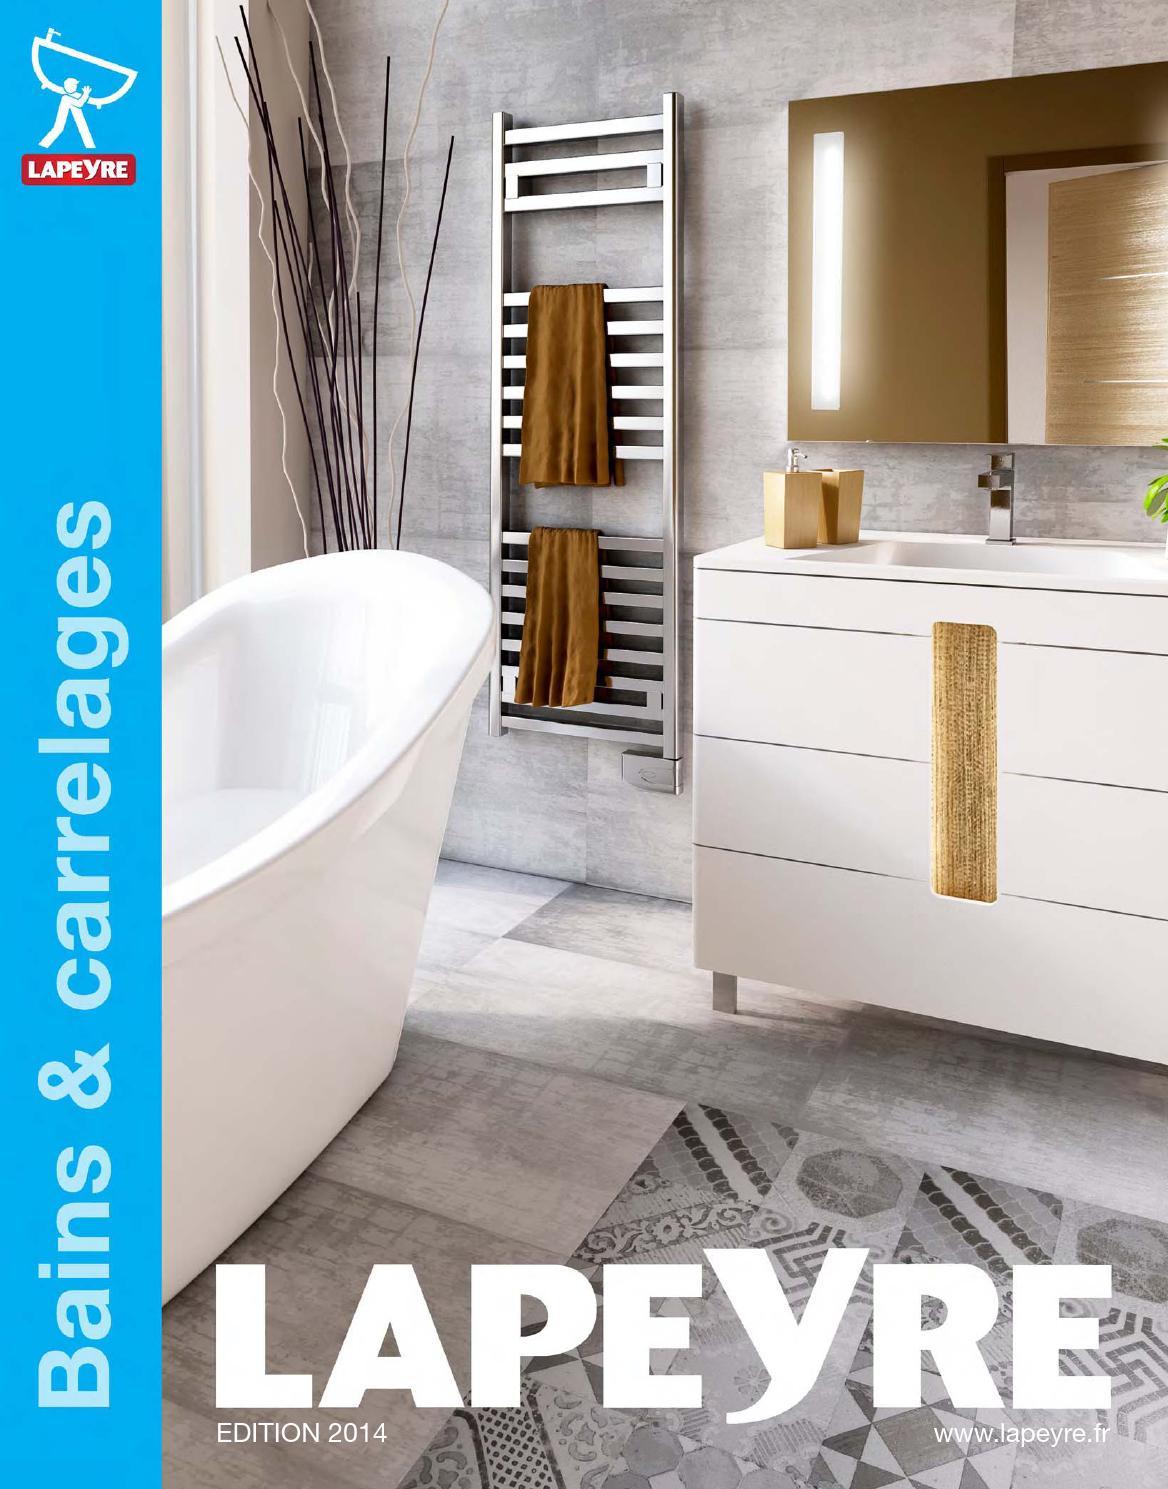 Caillebotis Ikea Salle De Bain Unique Collection Catalogue Lapeyre Bains & Carrelages 2014 by Joe Monroe issuu